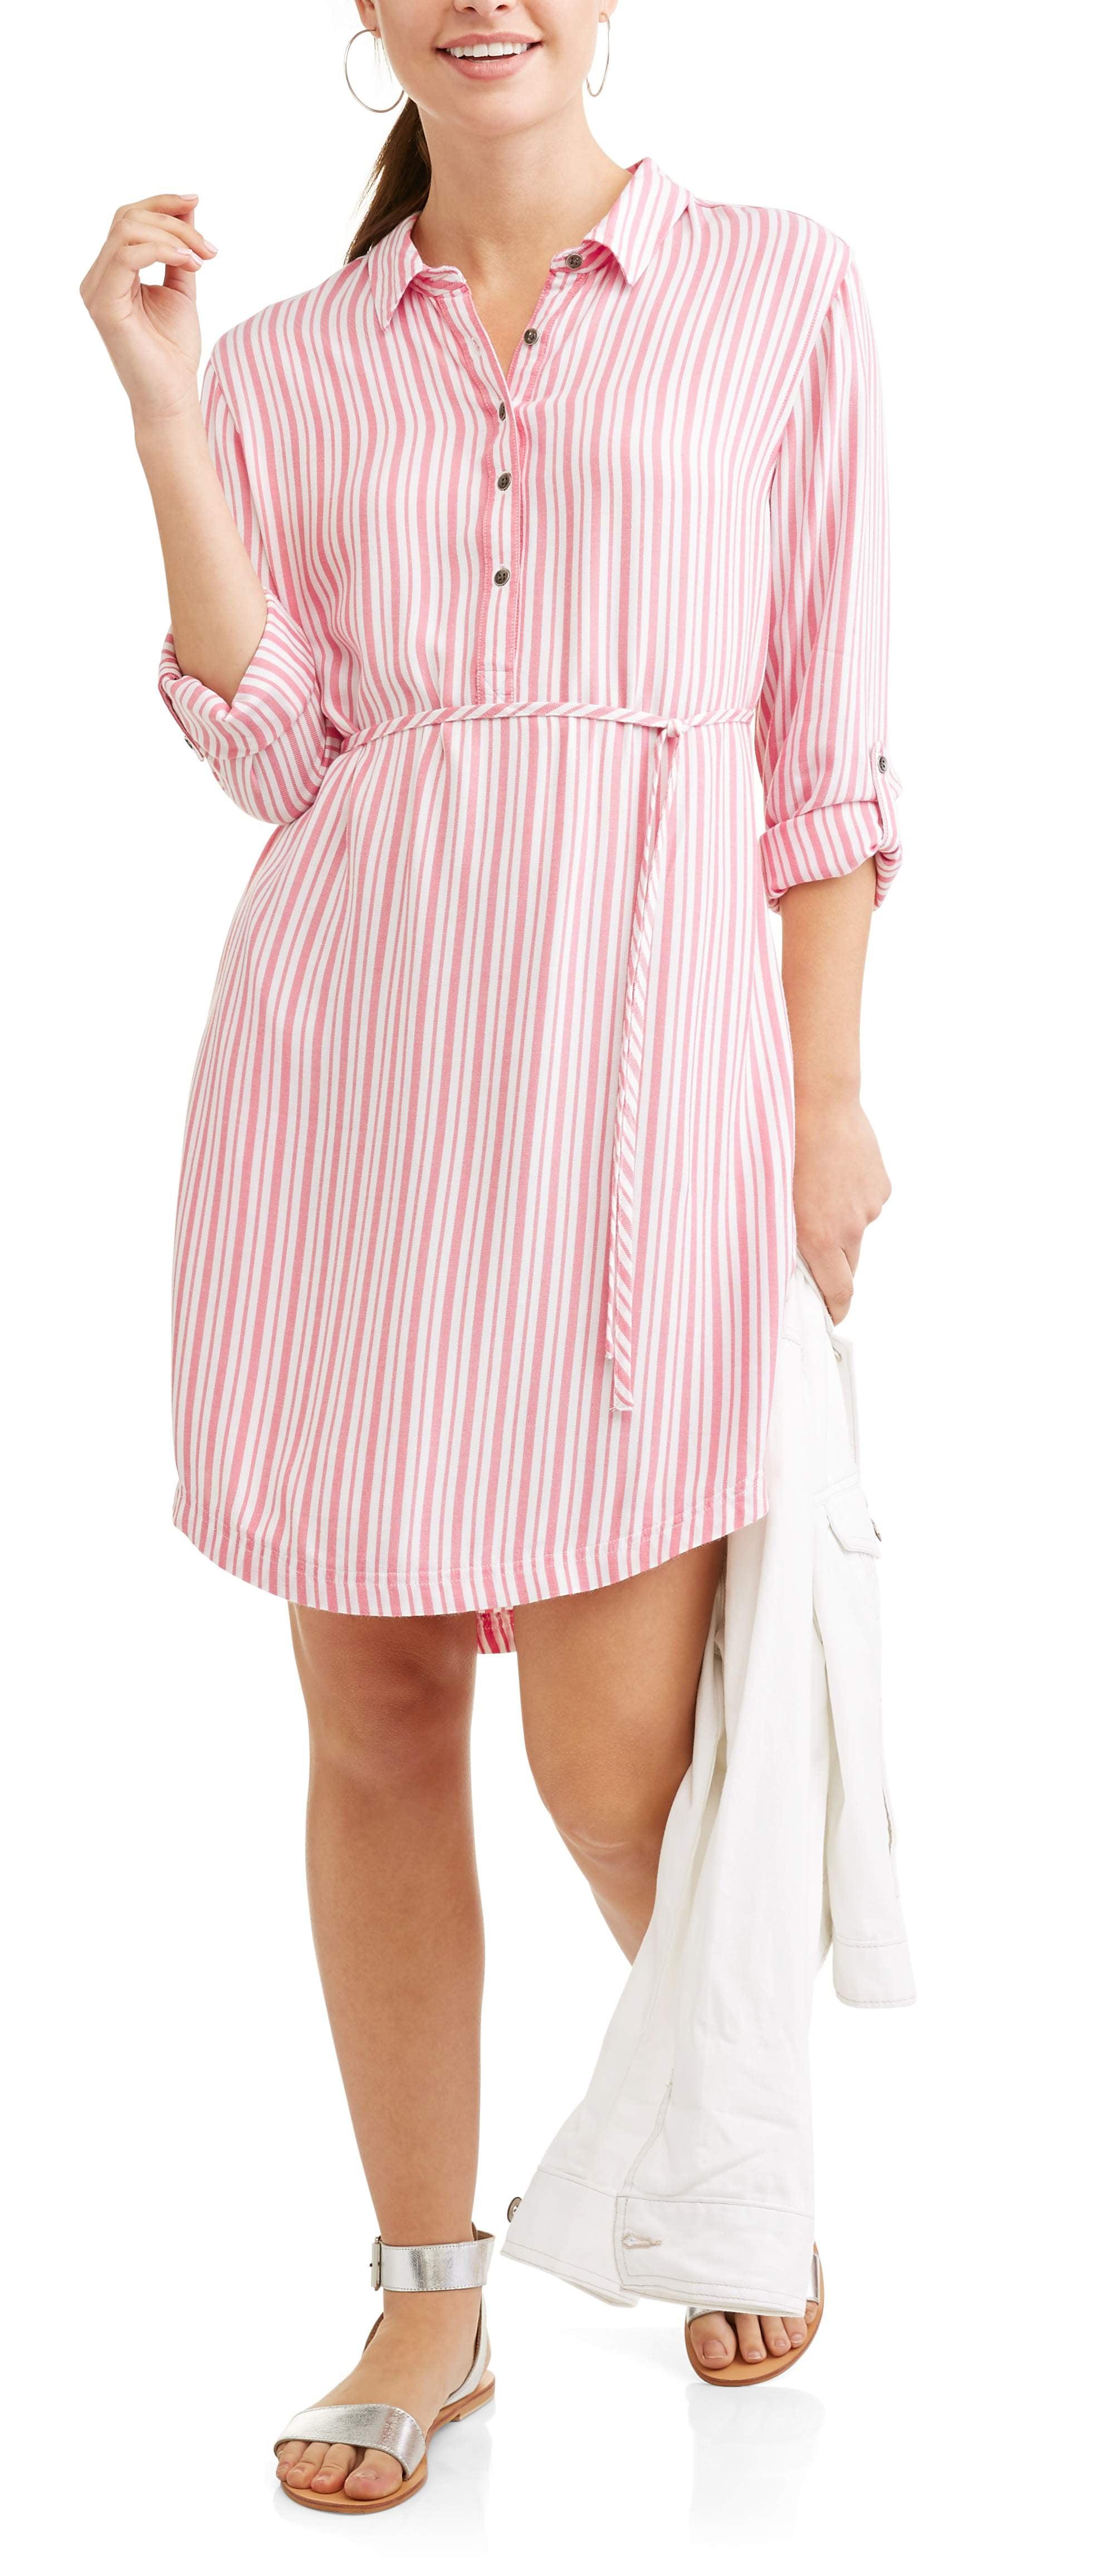 96752719459 Women s Lyocell Belted Shirt Dress - Walmart.com